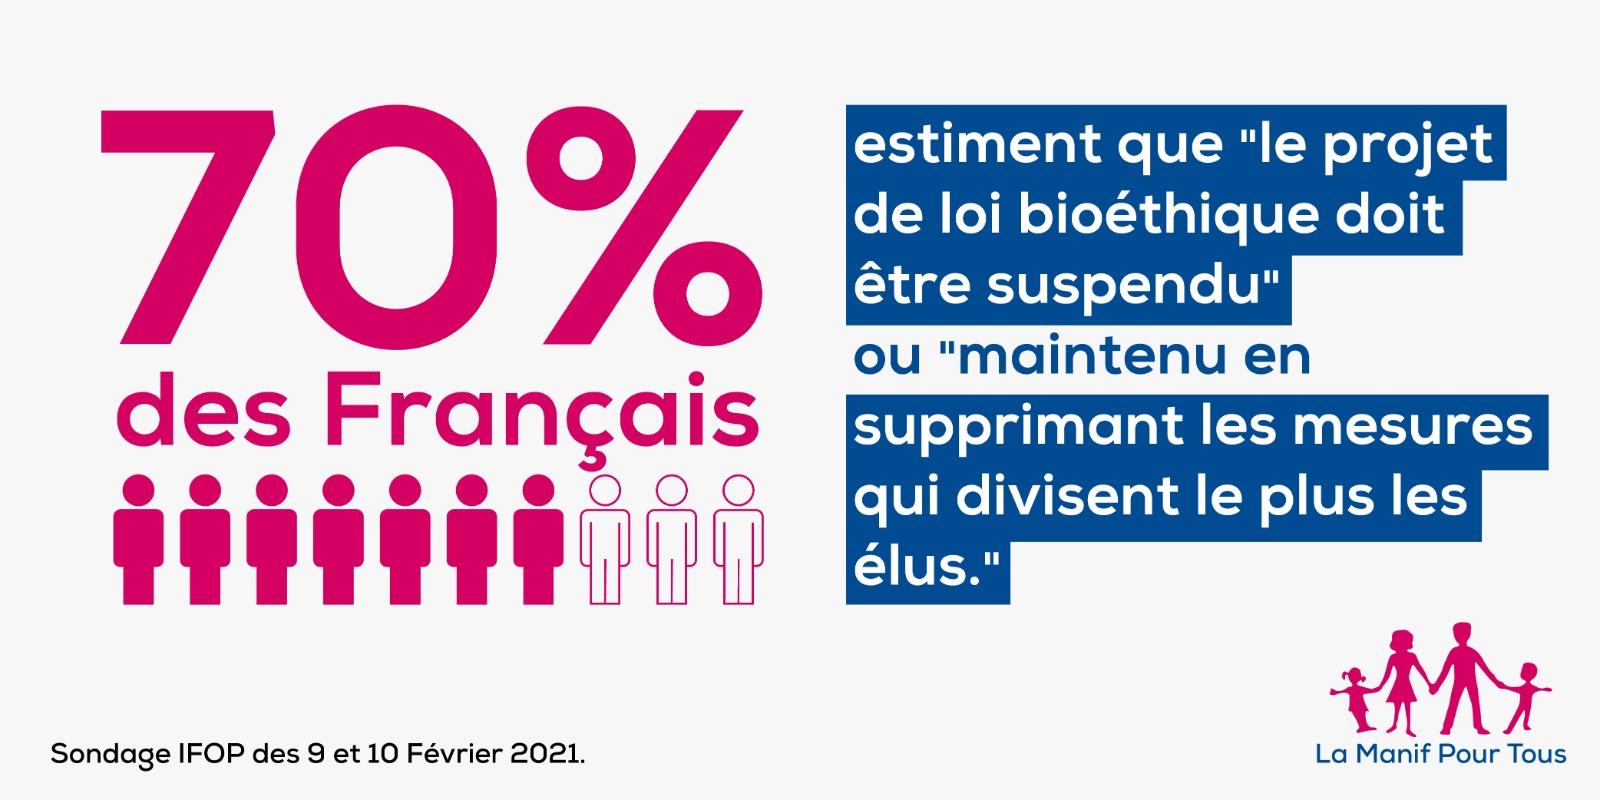 Image - Bioéthique : l'obstination de l'Exécutif désavouée par les Français